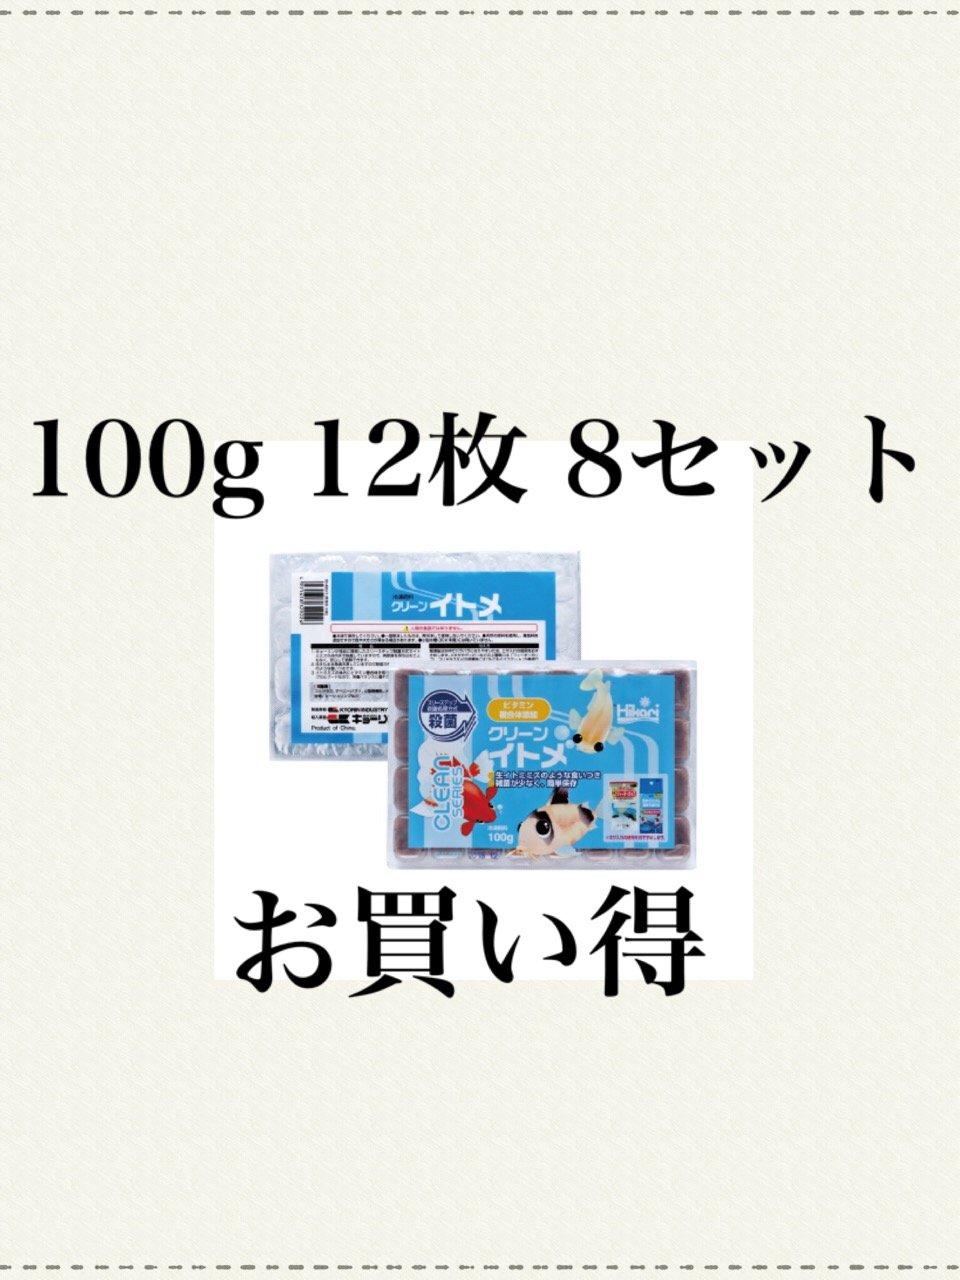 クリーンイトメ 100g 12枚8セット 冷凍飼料 キョーリン エサ スリーステップ殺菌ビタミン含有冷凍フード B0779JTFJF